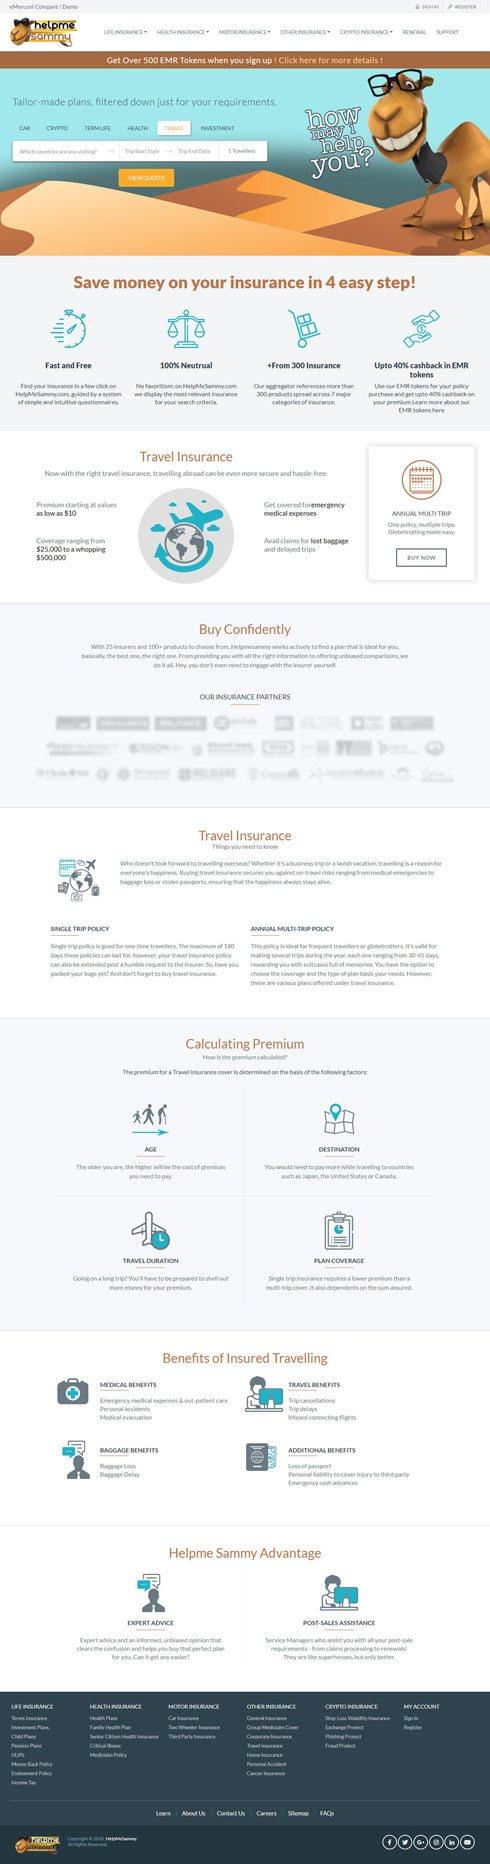 HelpMeSammy India Web Design